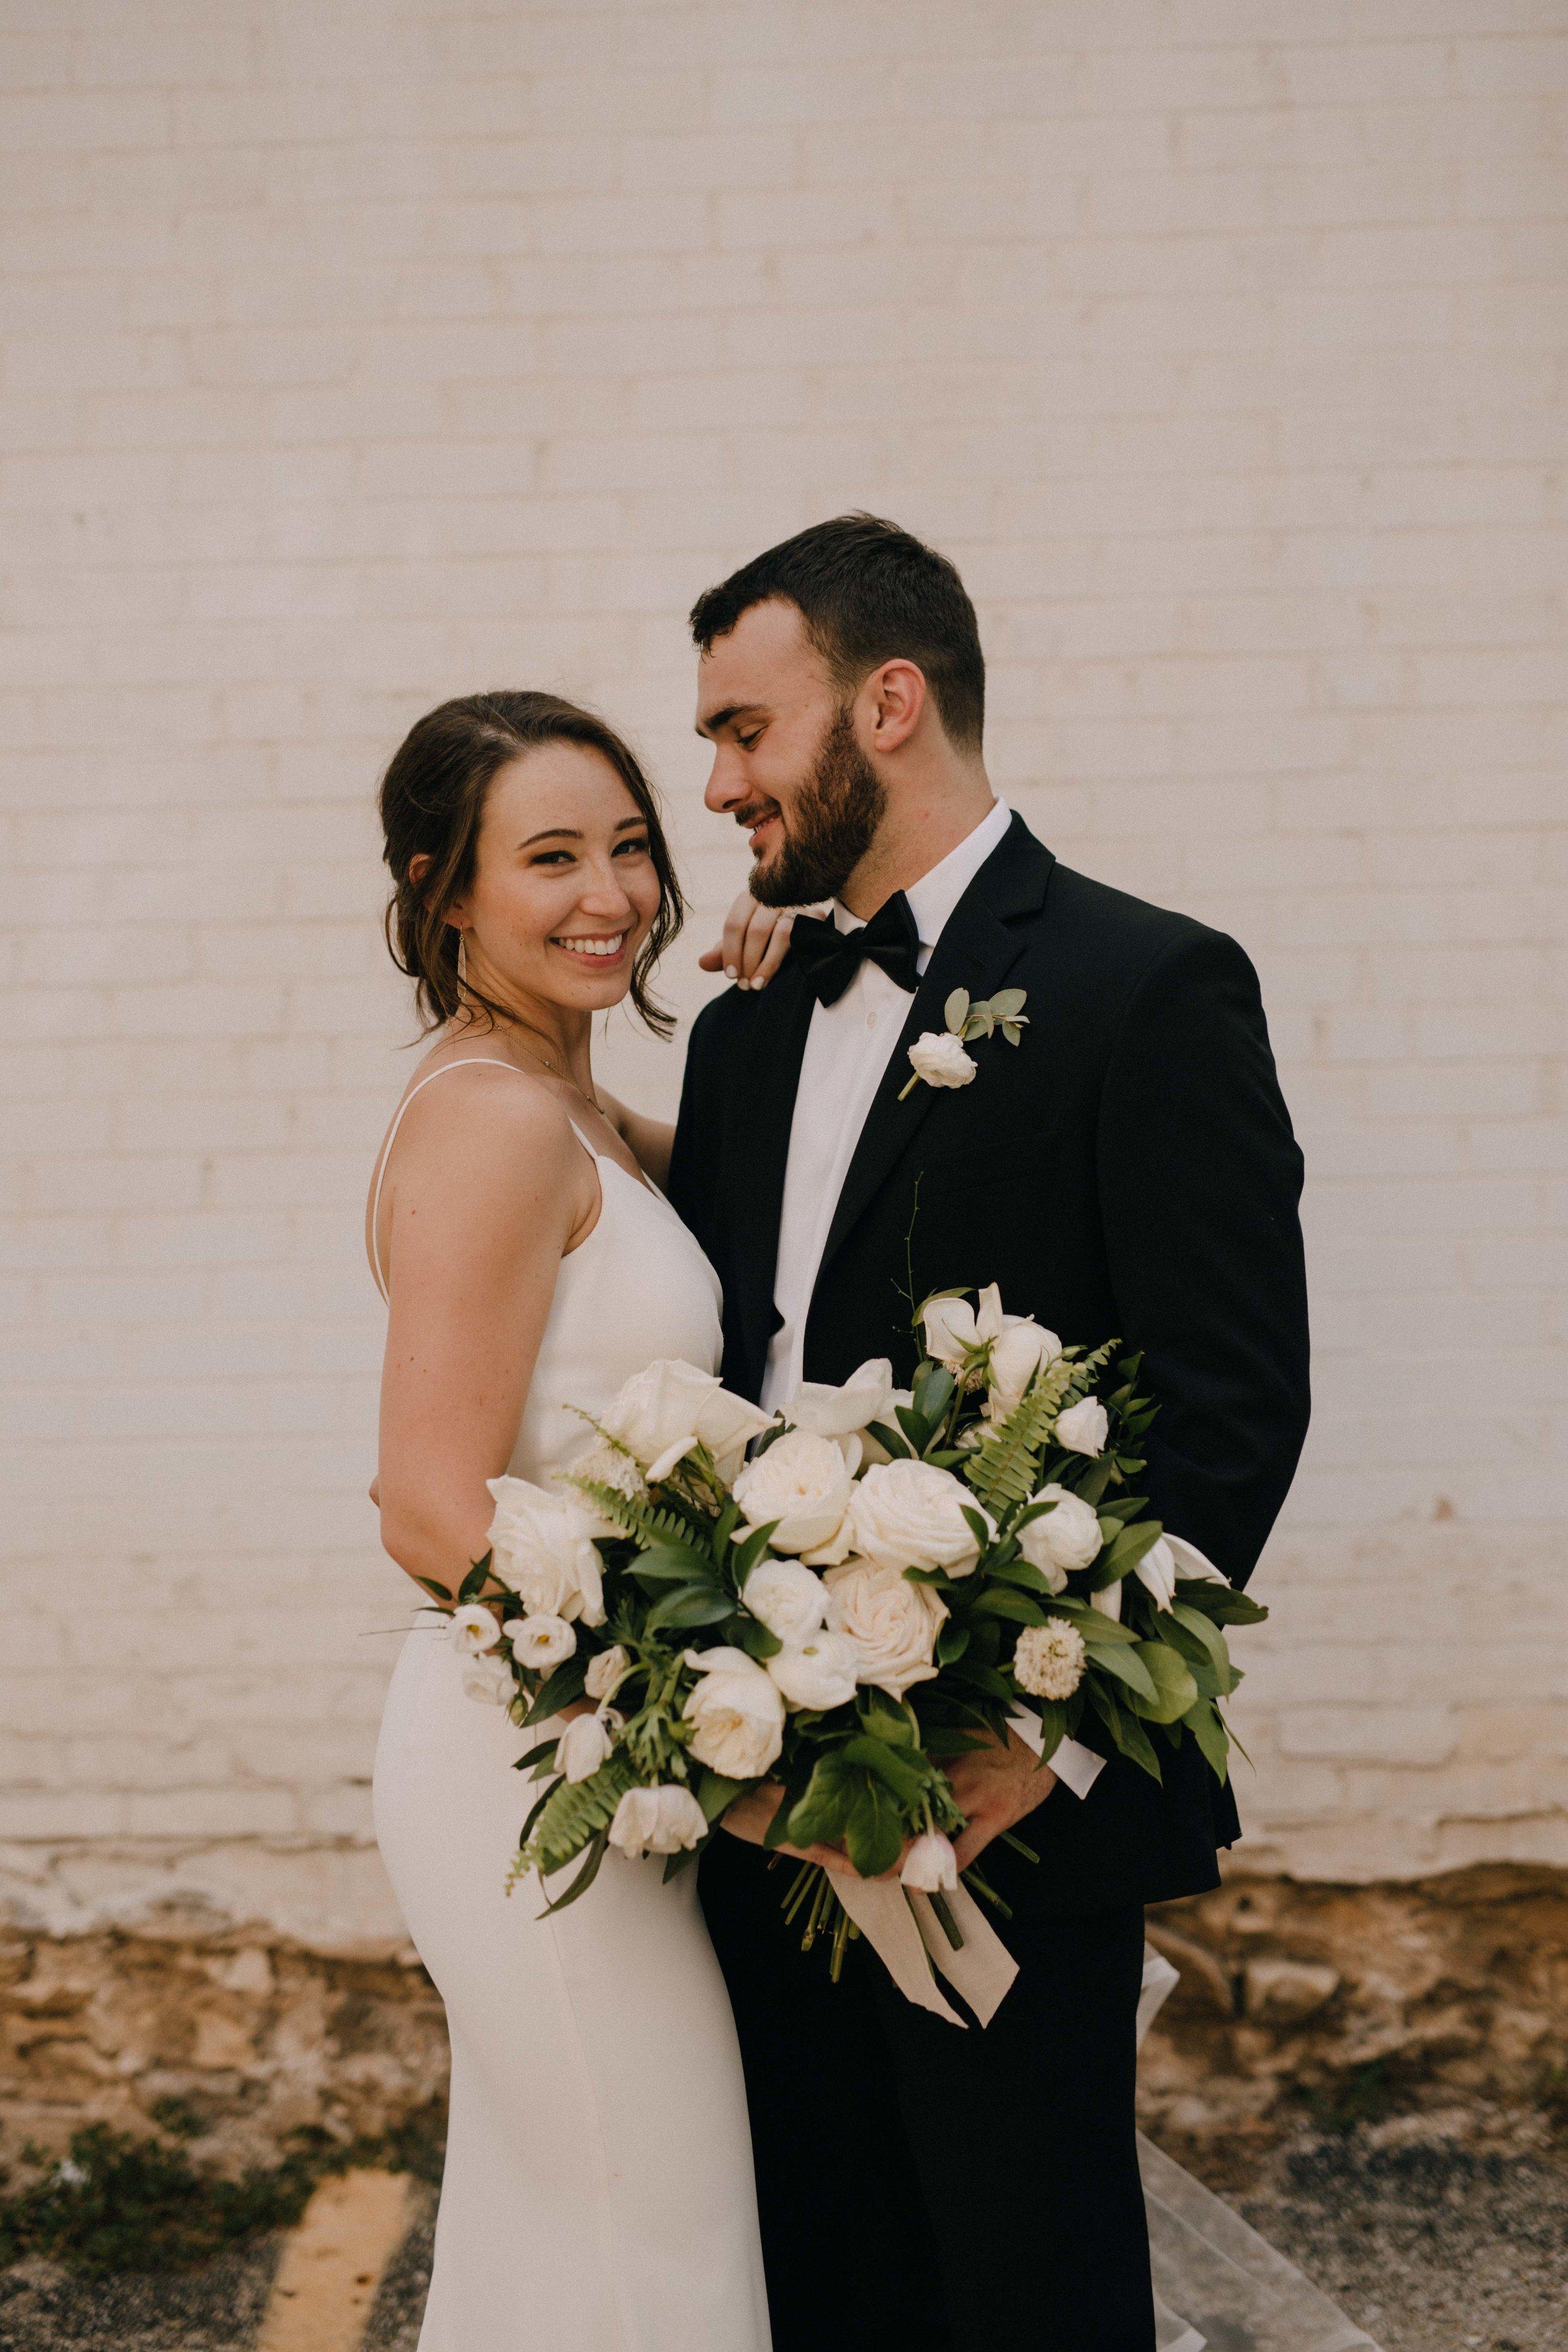 kacey sam wedding 1274.jpg